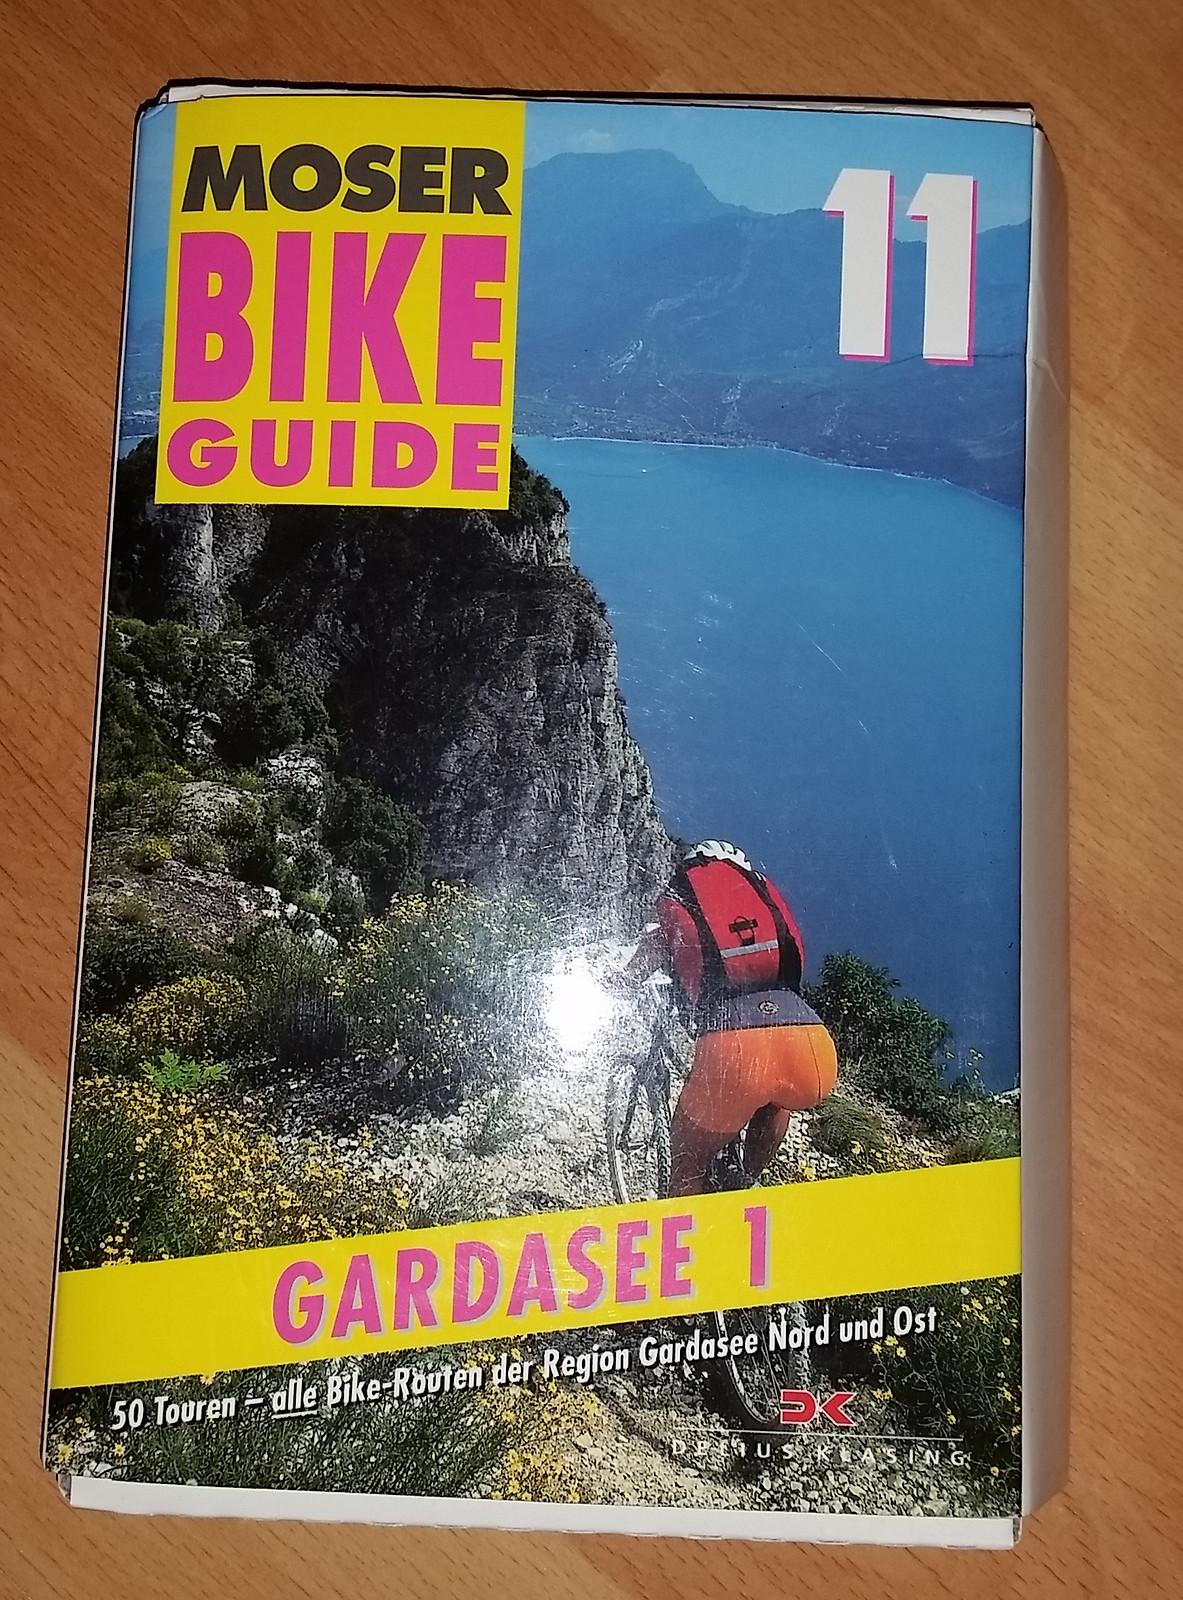 delius klasing verlag gardasee 1 moser bike guide 11. Black Bedroom Furniture Sets. Home Design Ideas